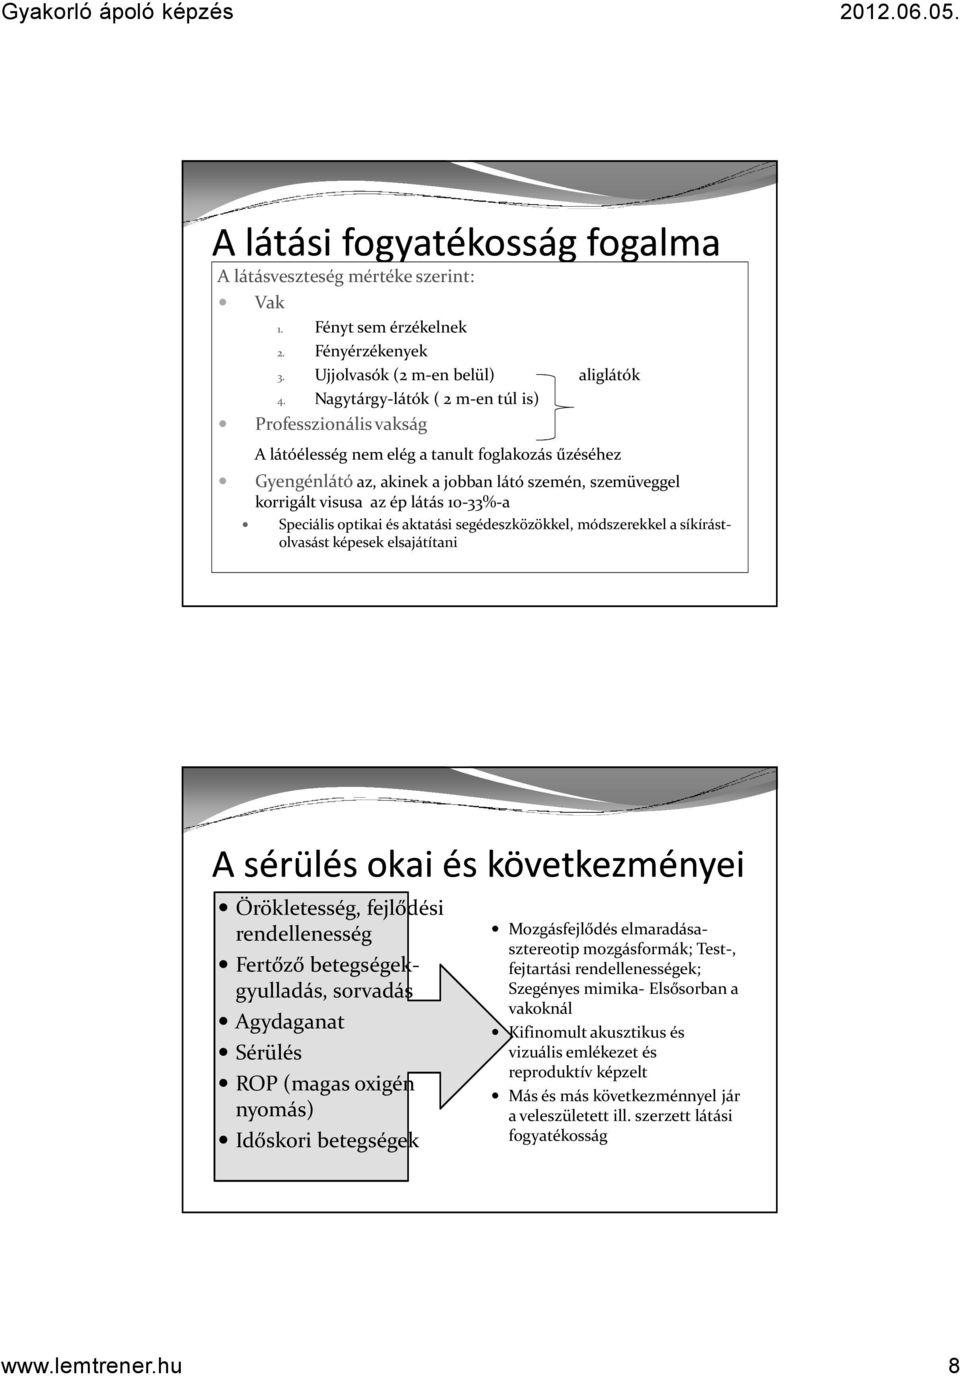 fogyatékosság 4 fokos magas vérnyomás esetén hogyan kezeli a magas vérnyomás fórumot